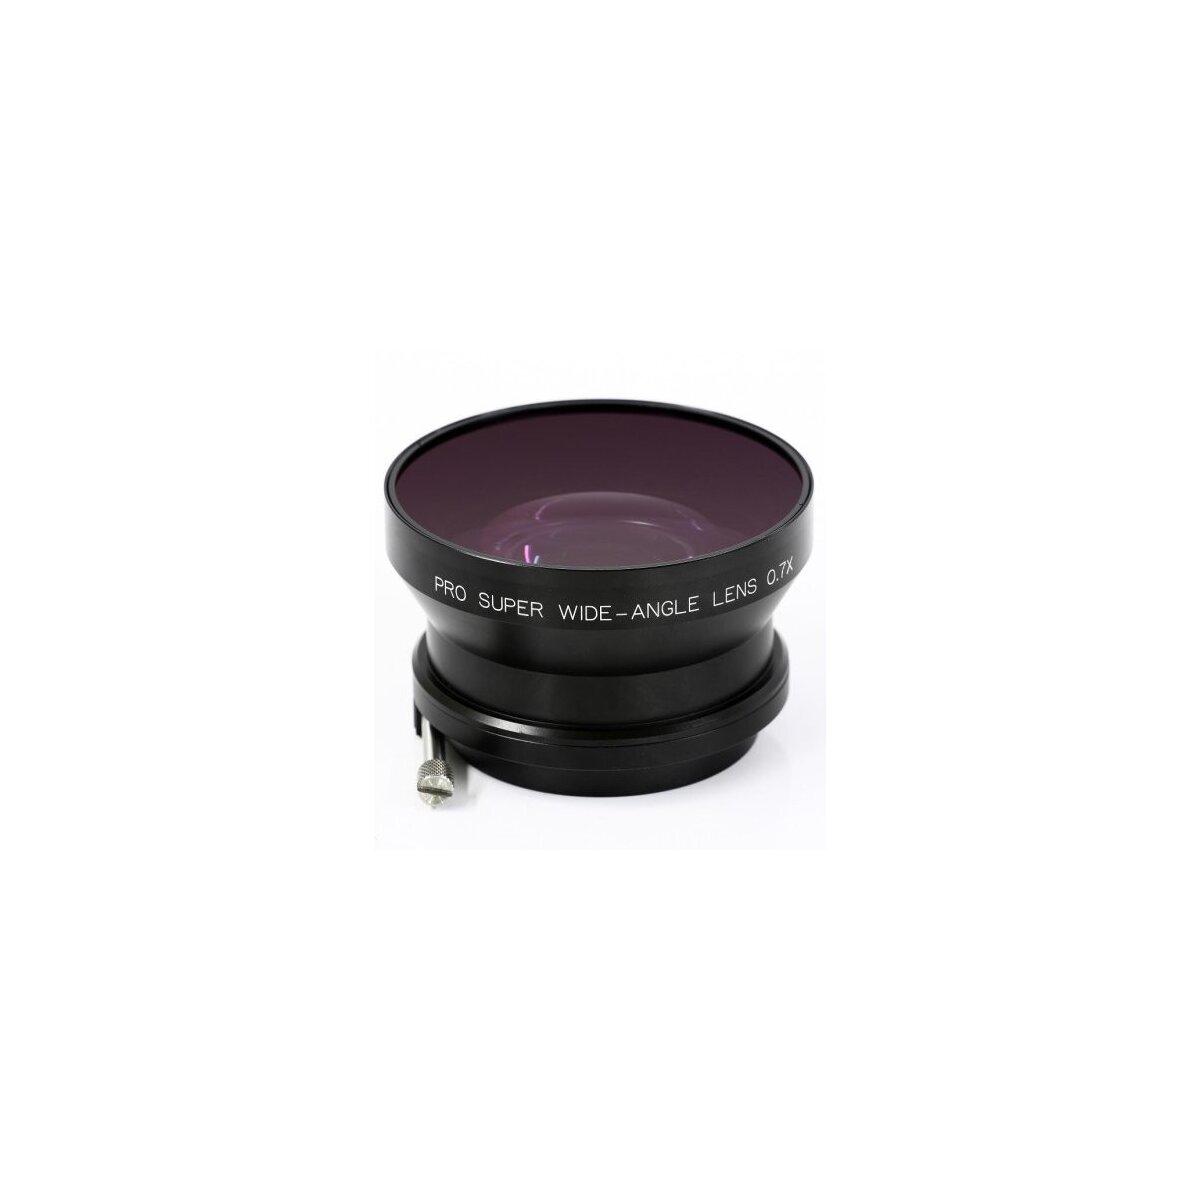 0.7x Weitwinkel Objektiv (Voll durchzoombar) fuer Video Objektive mit 85mm Aussendurchmesser bzw. 82mm Filter Durchmesse